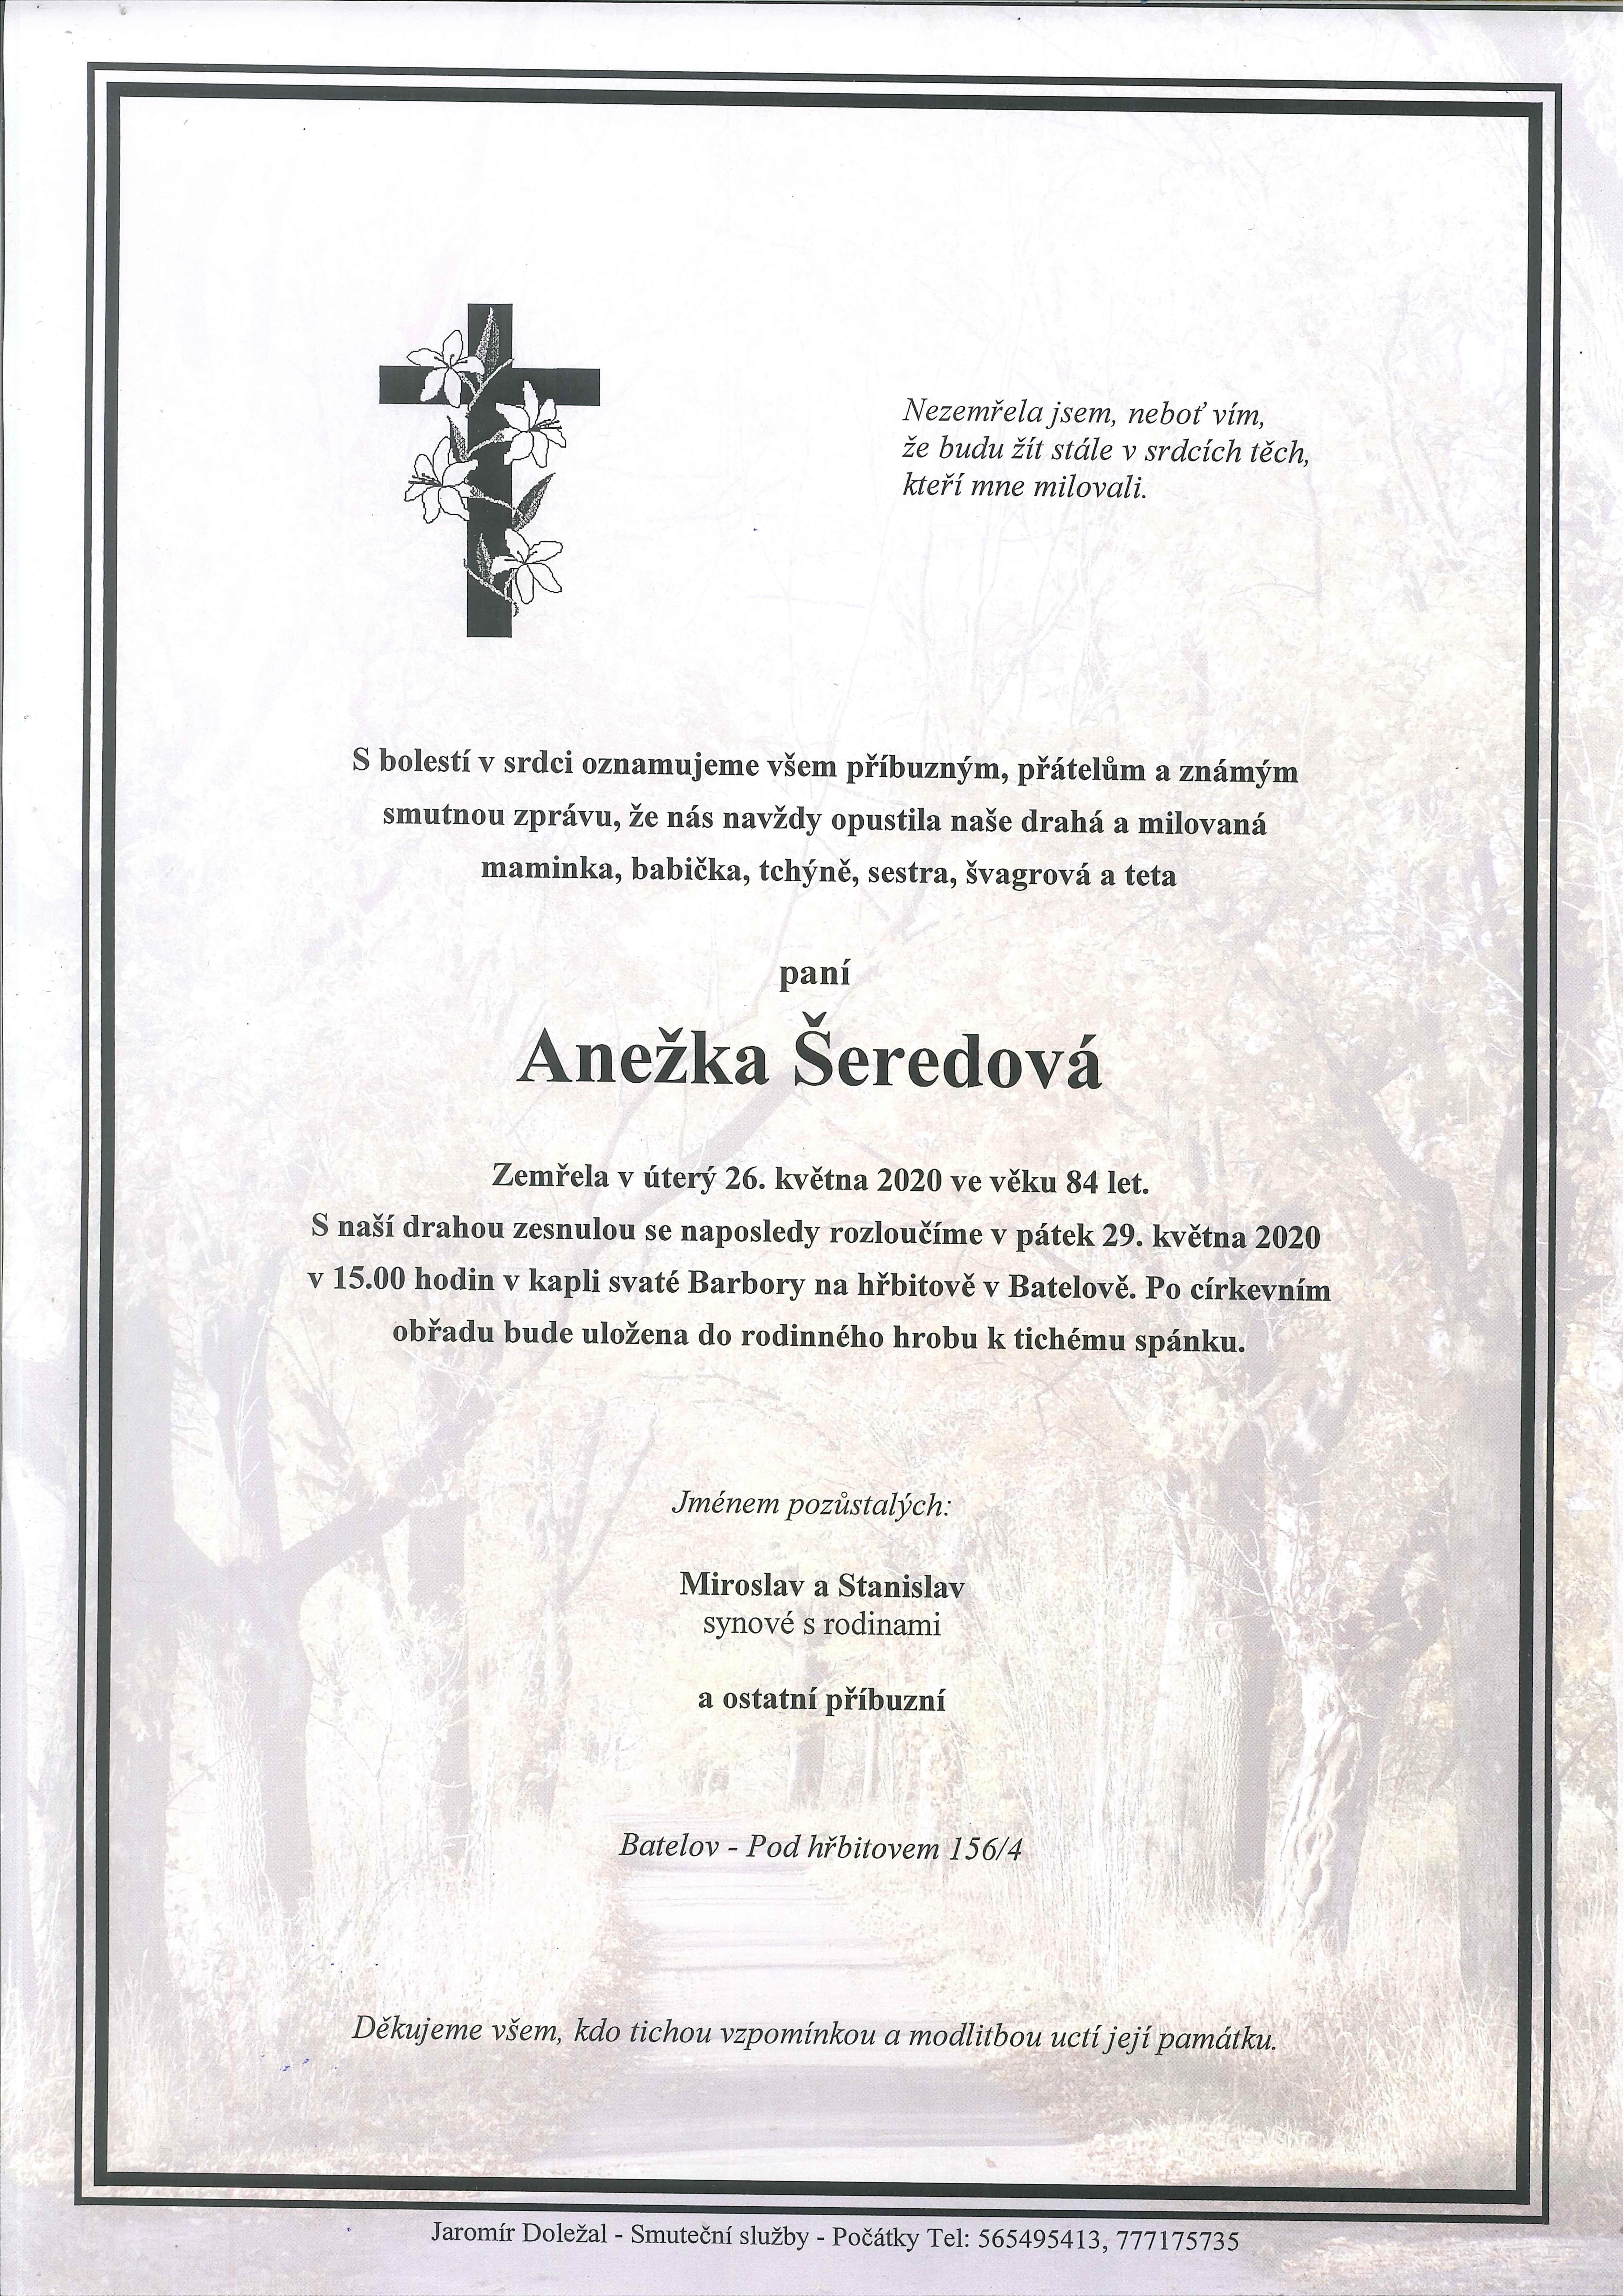 Anežka Šeredová